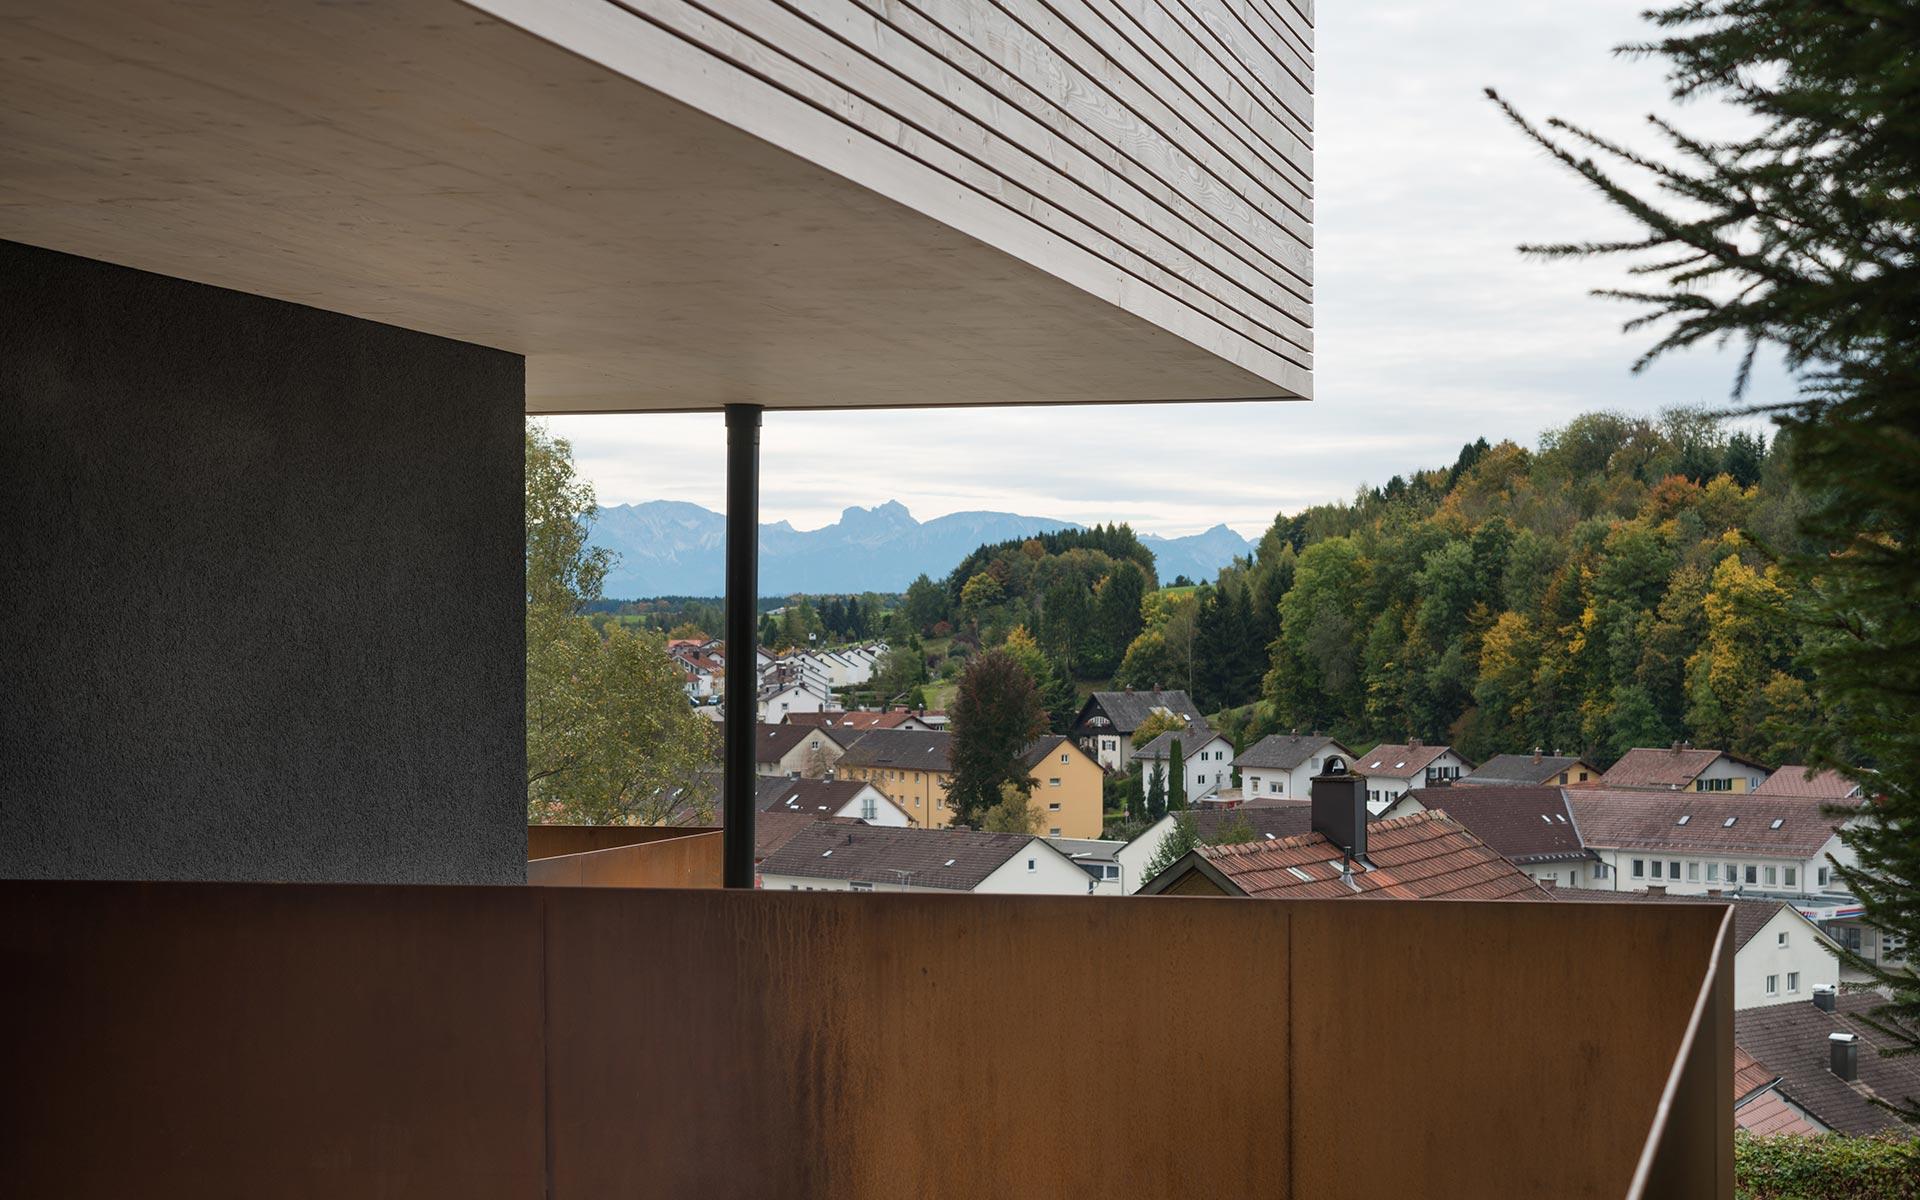 Holzhaus mit Ausblick